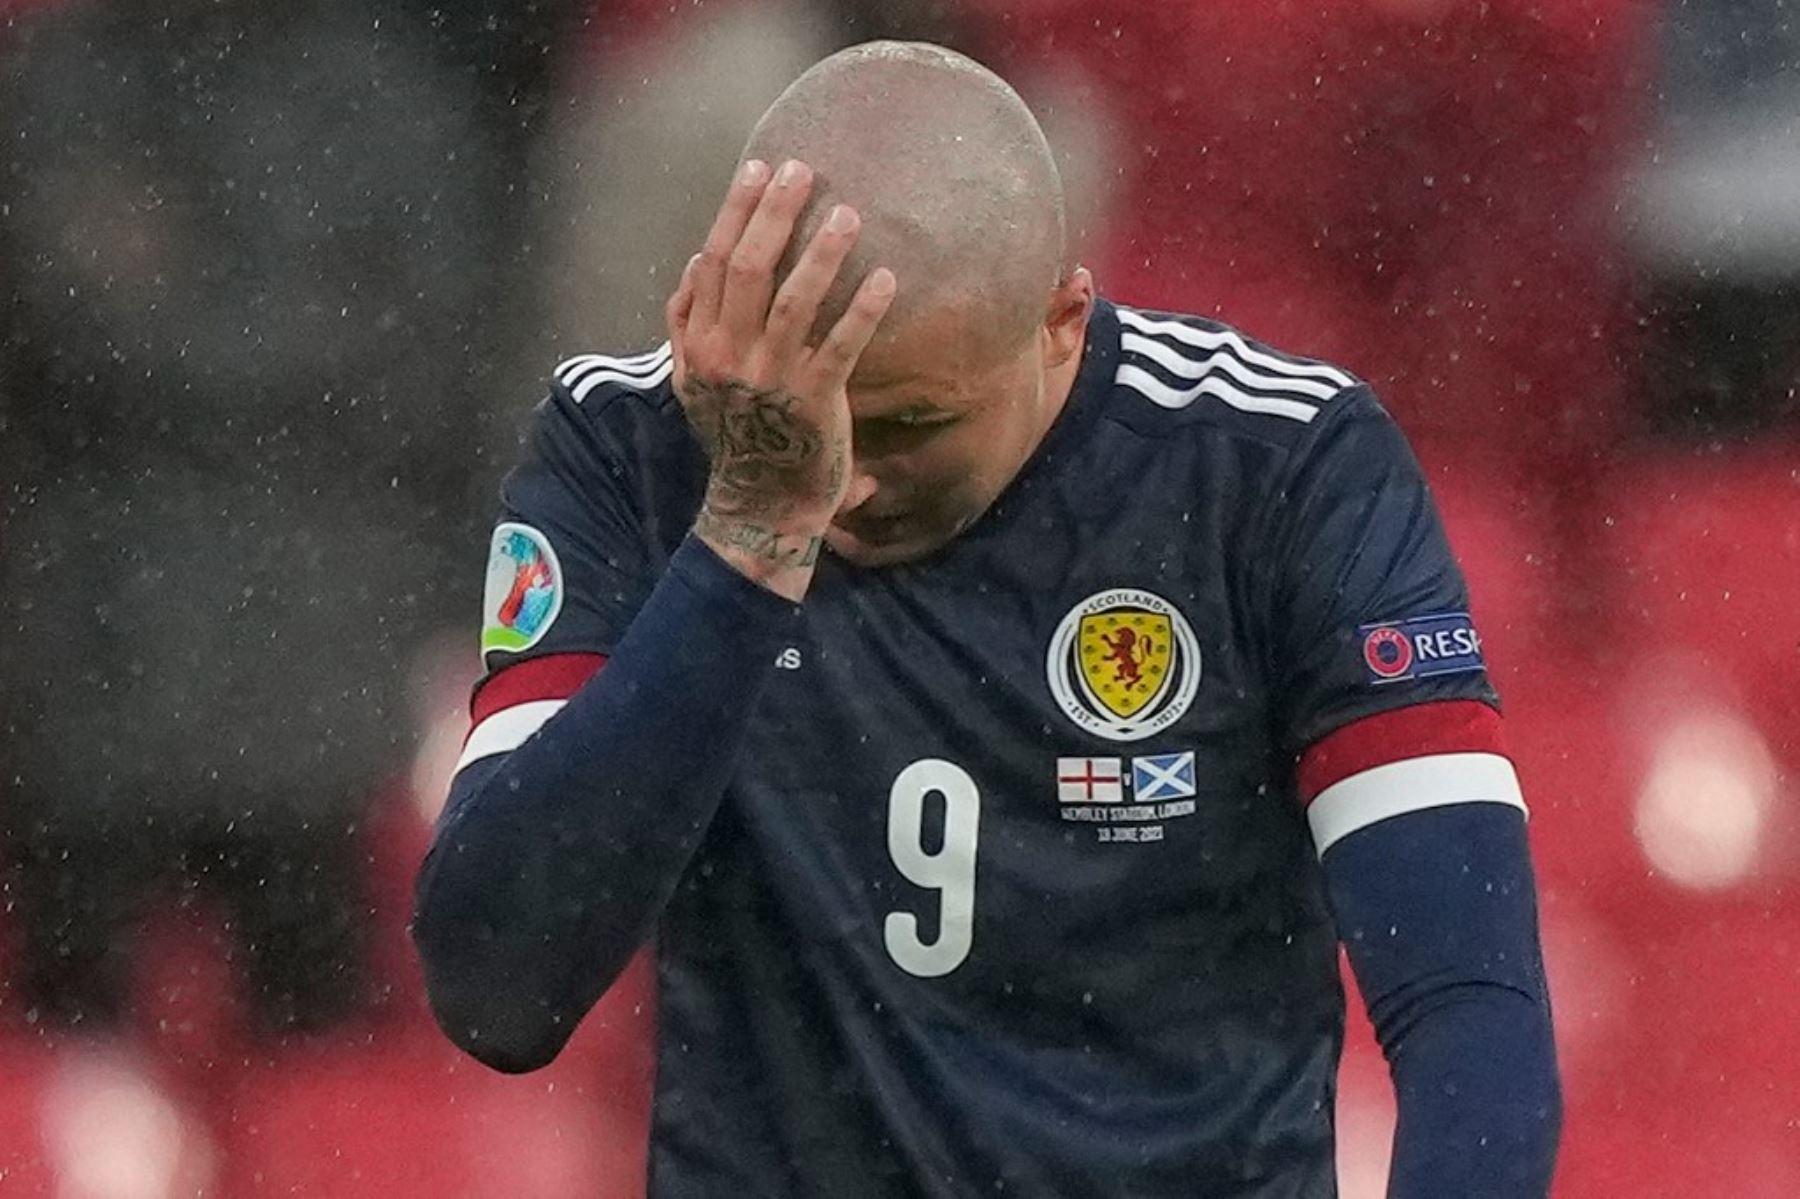 El delantero escocés Lyndon Dykes reacciona durante el partido de fútbol del Grupo D de la UEFA EURO 2020 entre Inglaterra y Escocia en el estadio de Wembley en Londres el 18 de junio de 2021. Foto: AFP